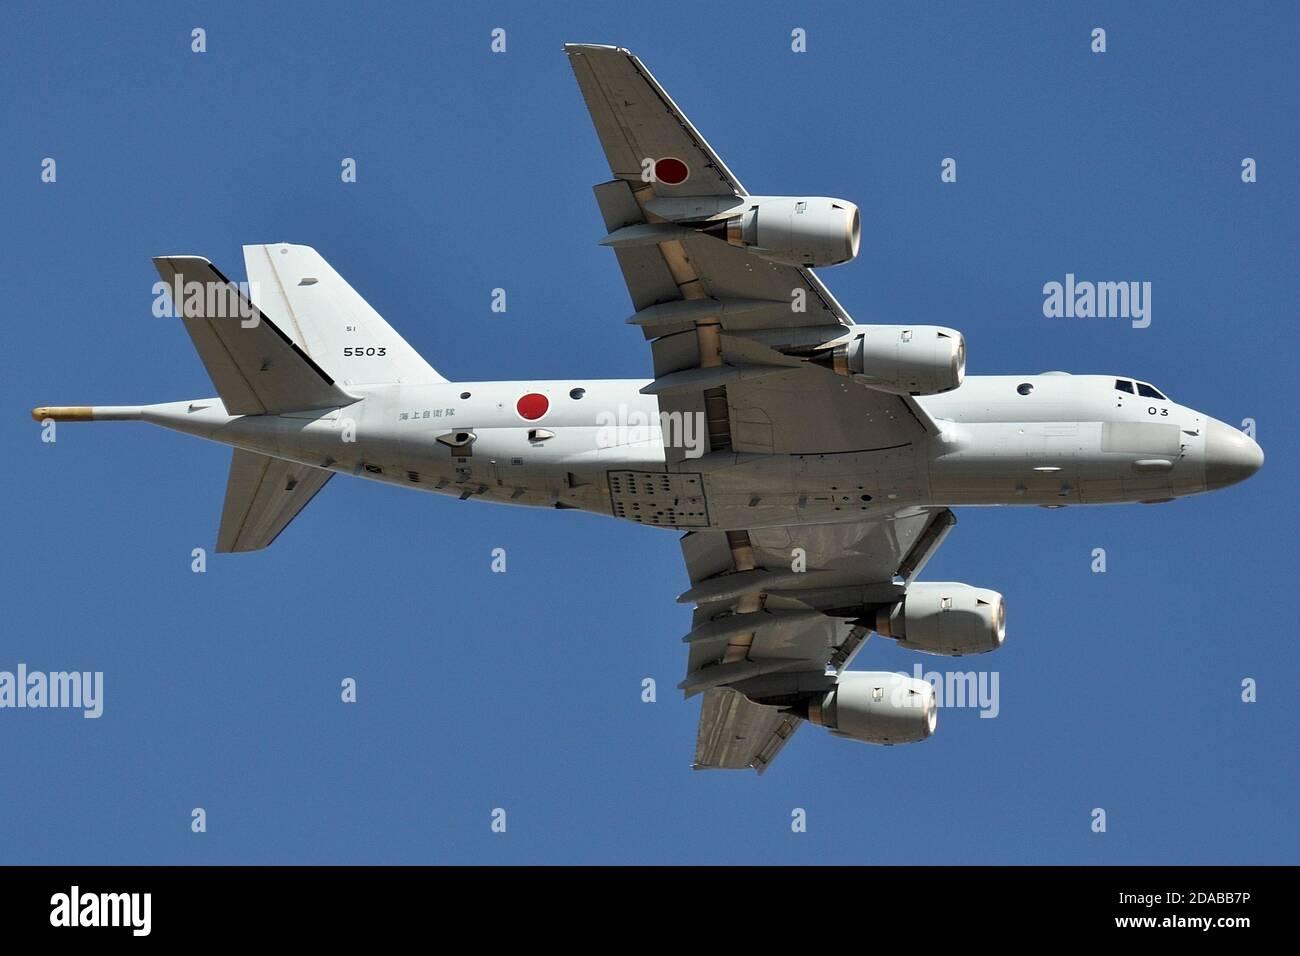 KAWASAKI P-1 MARITIME PATROL AIRCRAFT OF THE JAPANESE NAVY. Stock Photo